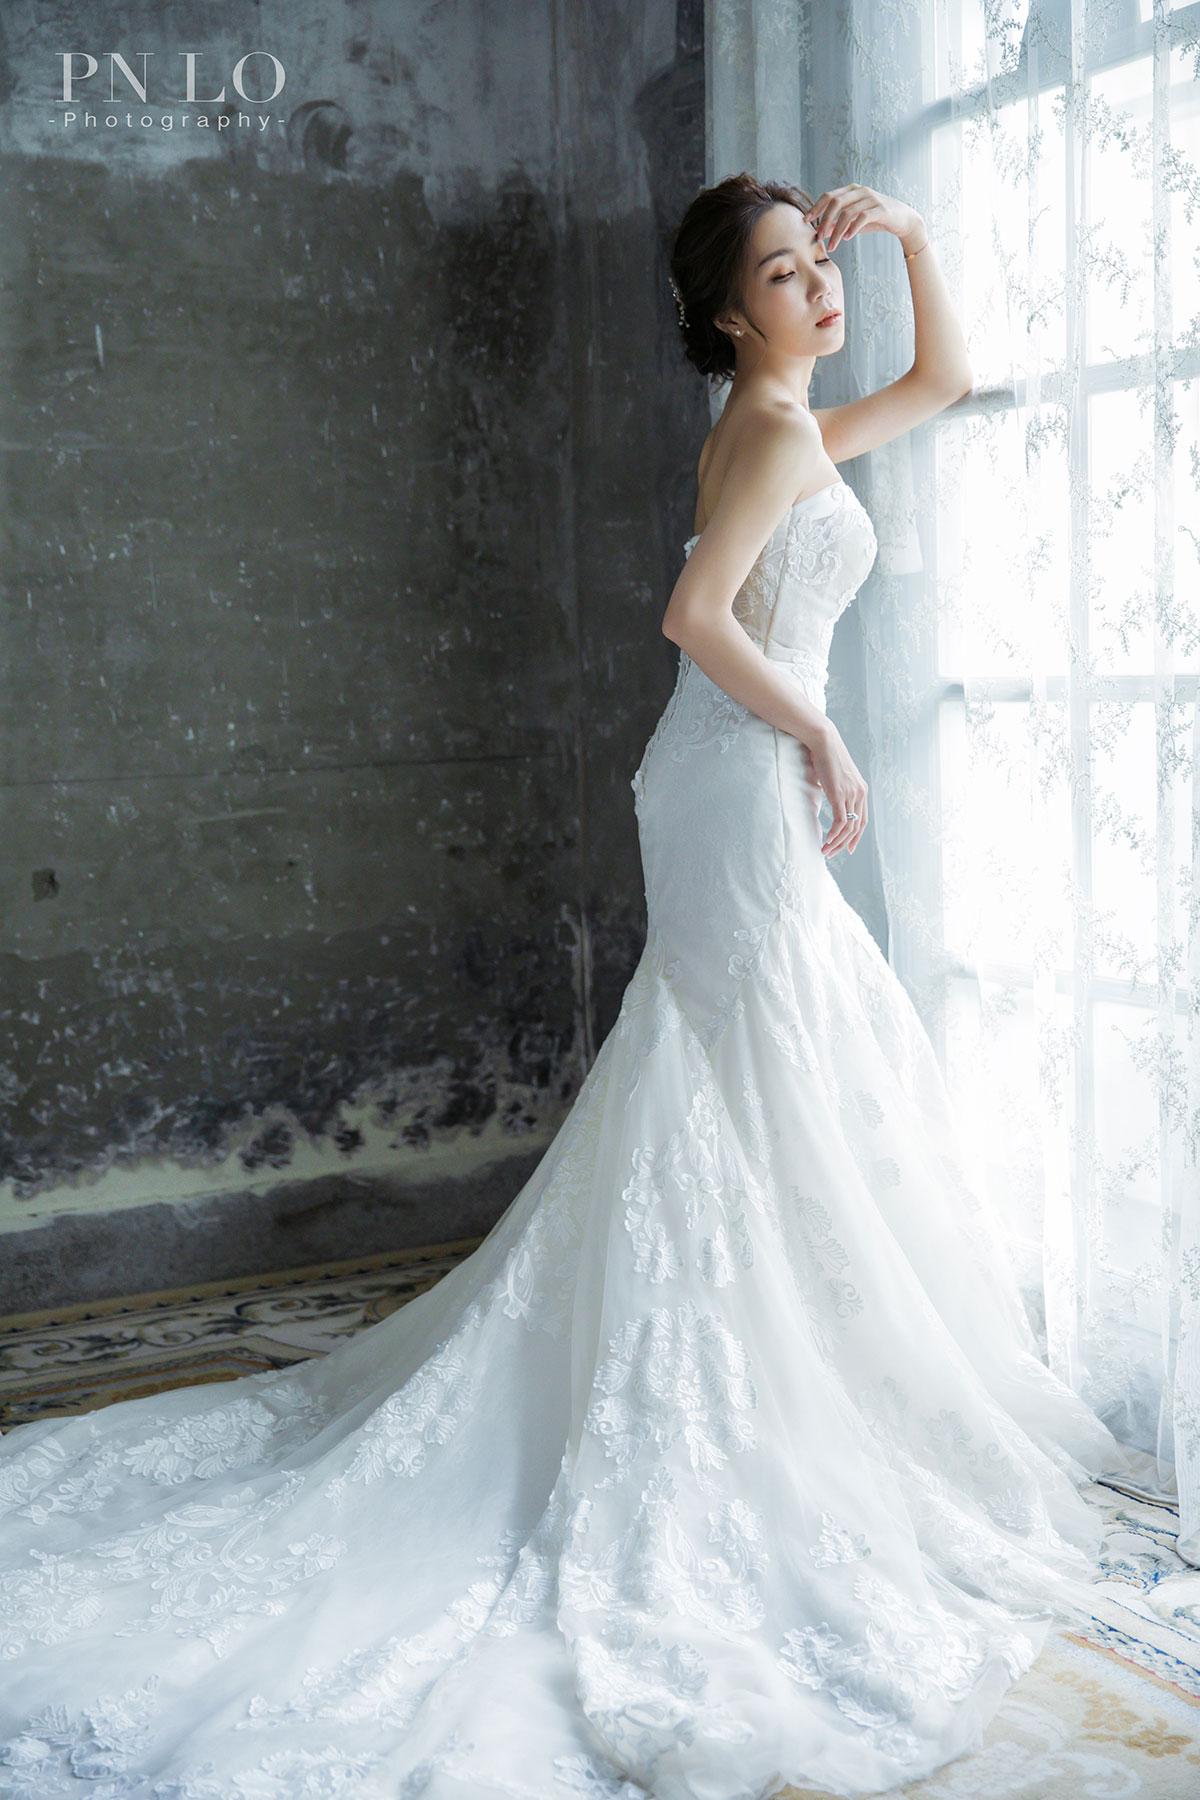 個性 清新婚紗-TATA踏踏攝影棚-冉冉婚紗-魚尾白紗